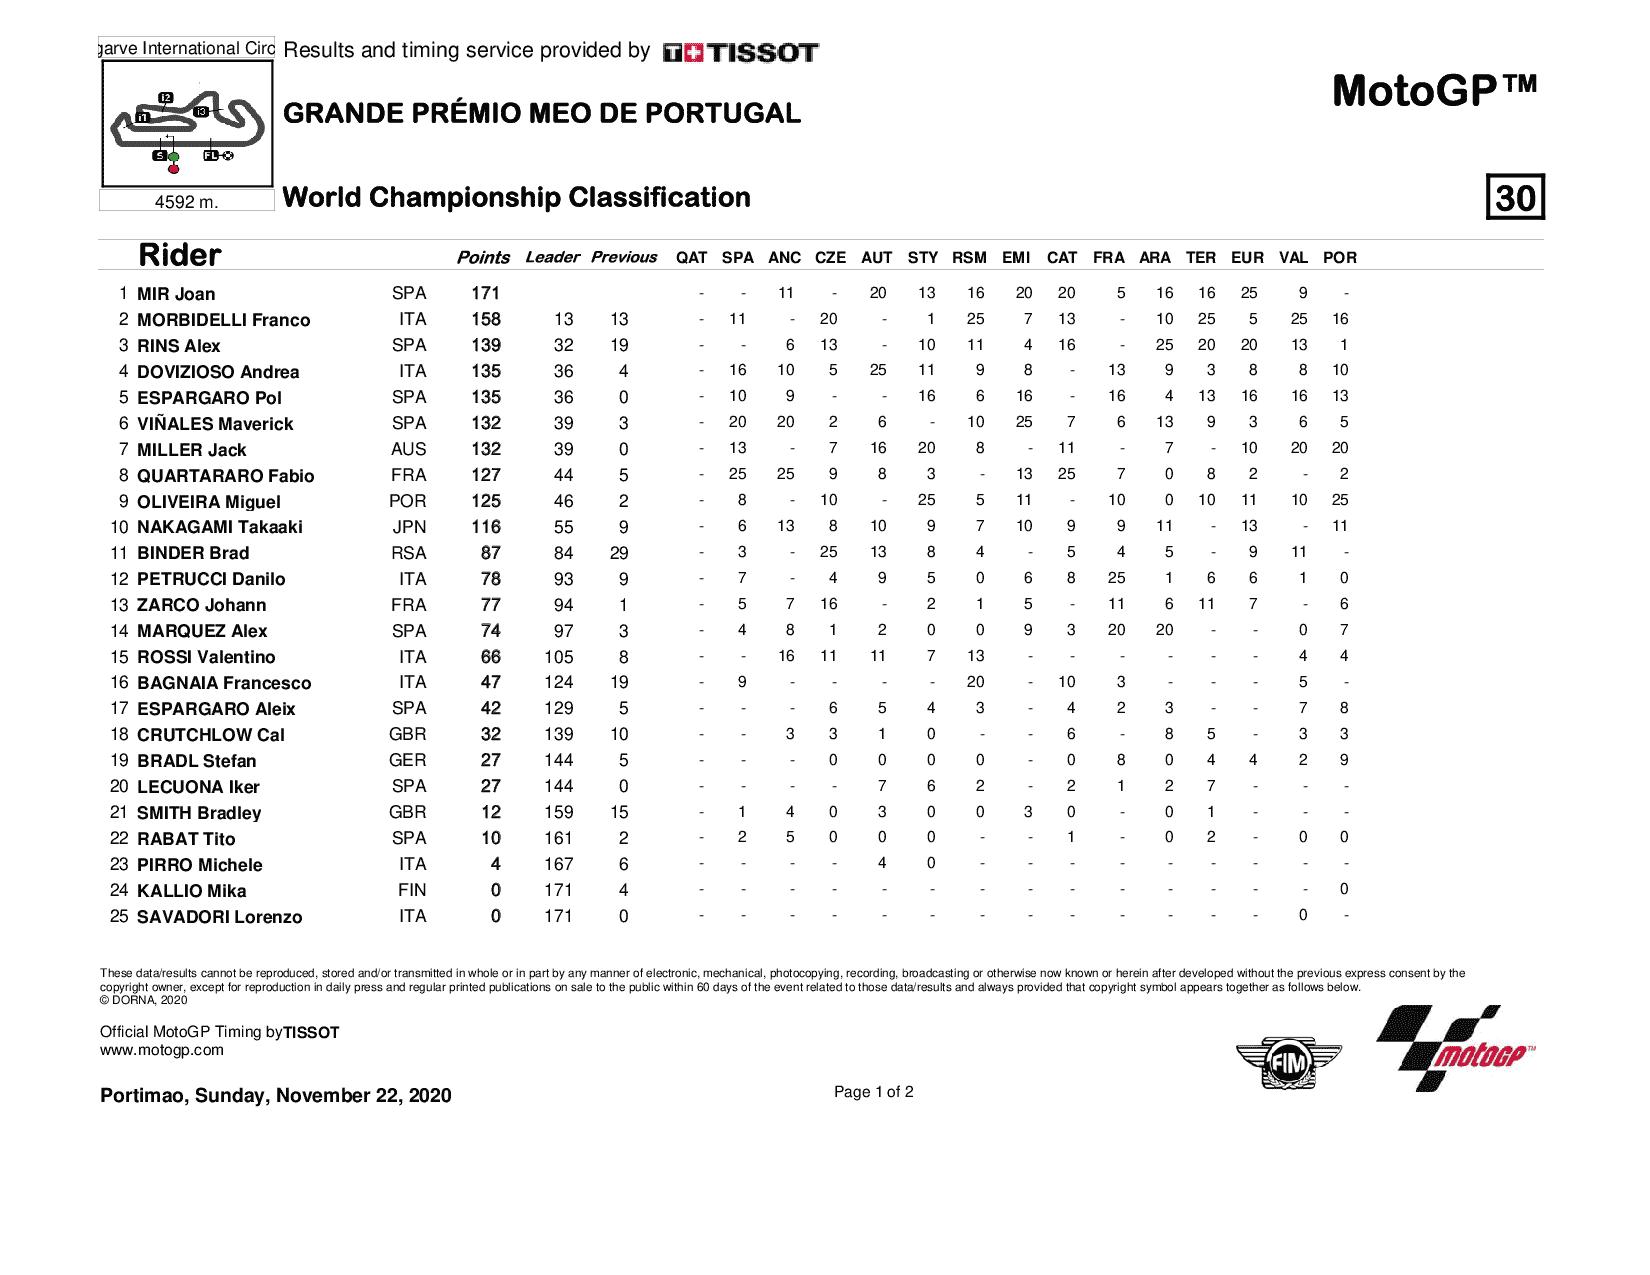 Classement général MotoGP 2020